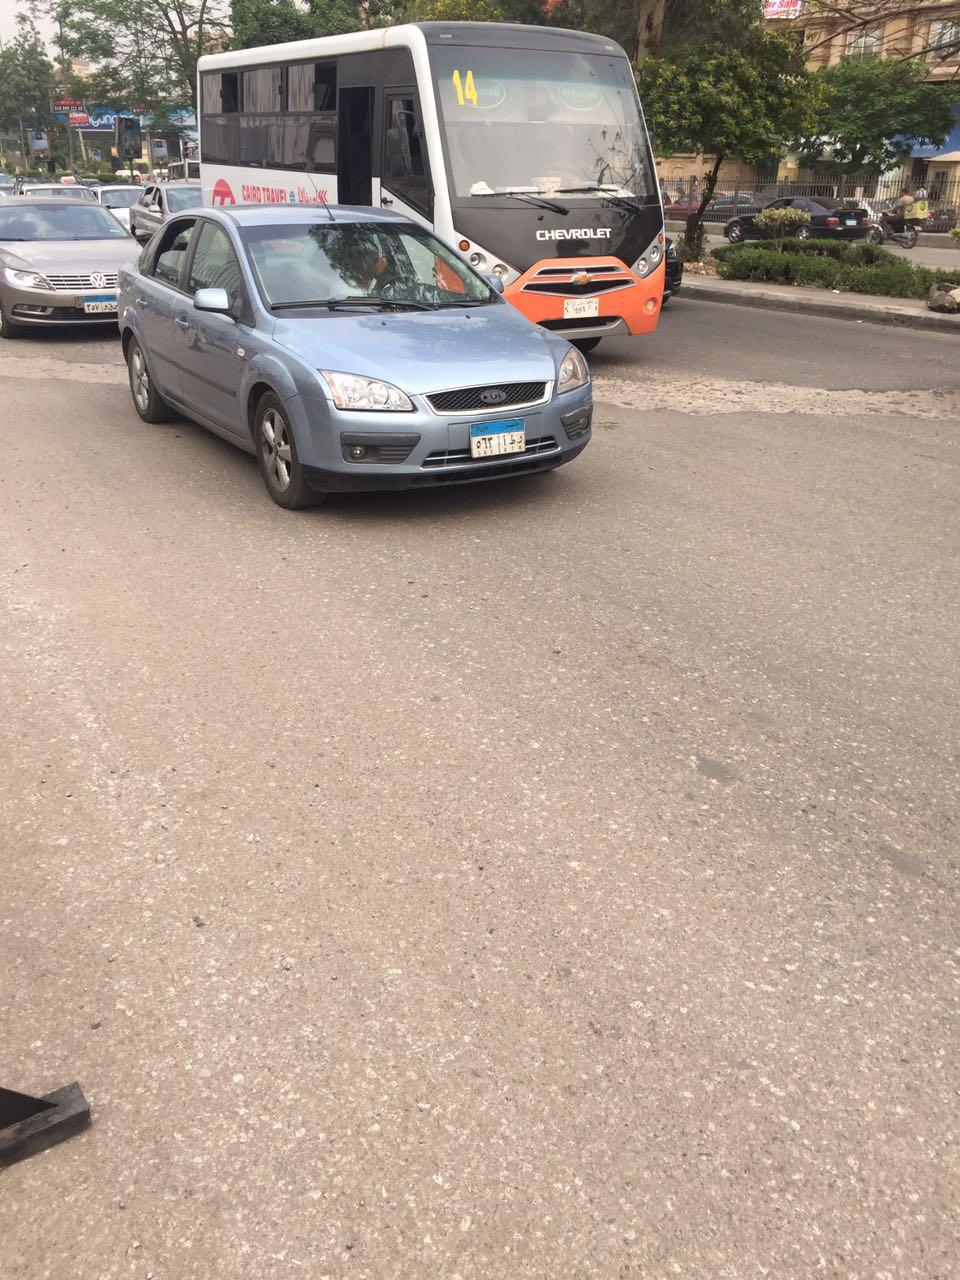 مواطن يحذر من حفرة بشارع في أرض الجولف تتسبب في كثافات مرورية دائمة